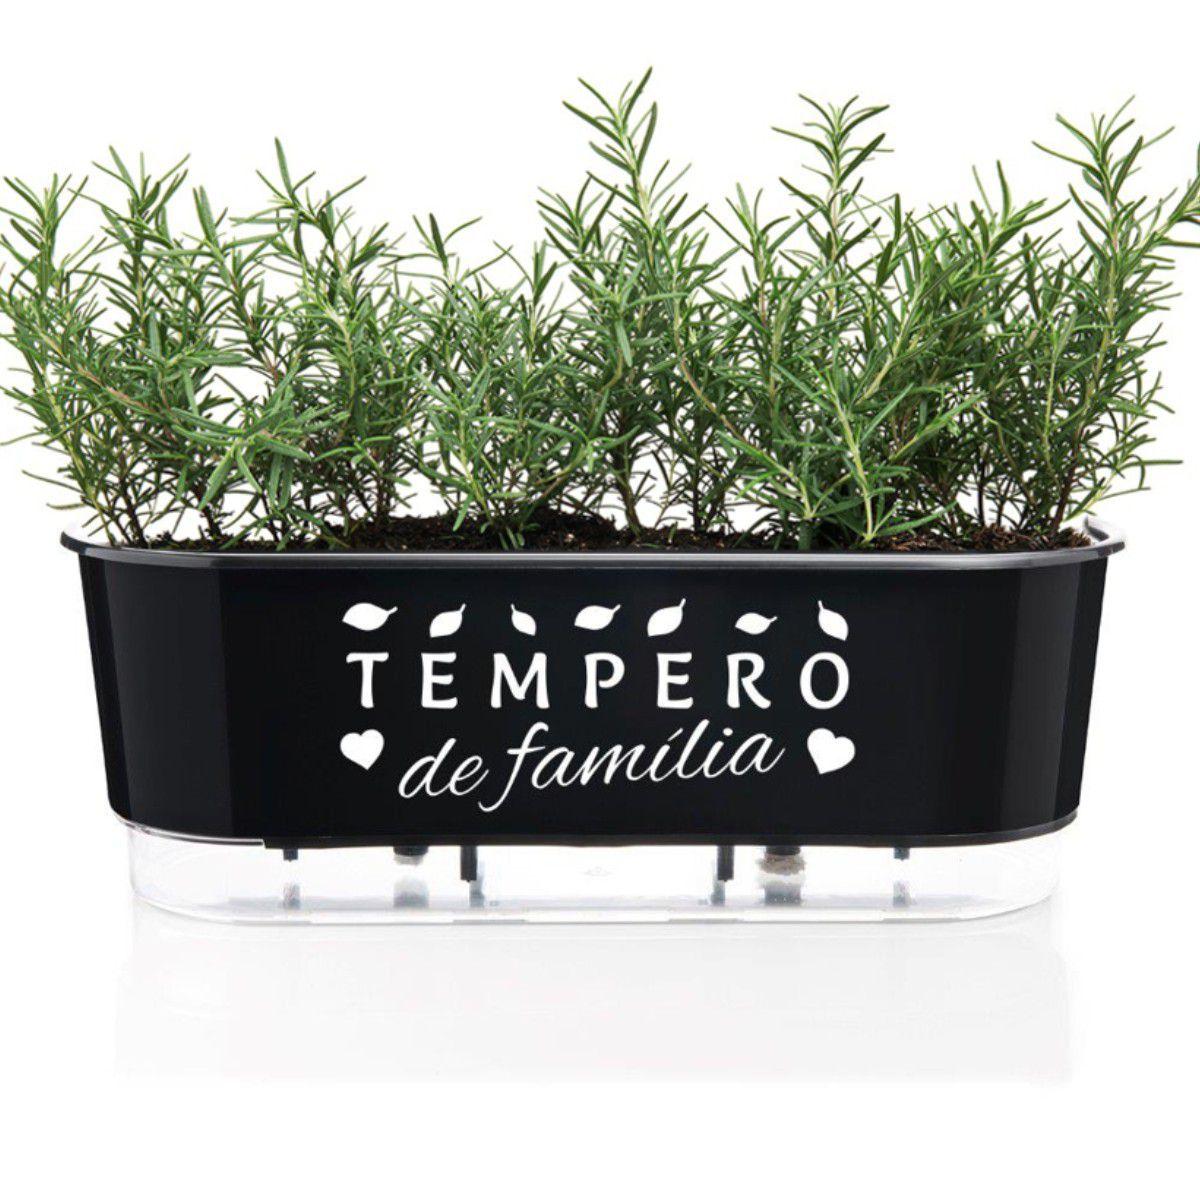 Jardineira Autoirrigável Tempero de Família 40cm Preto